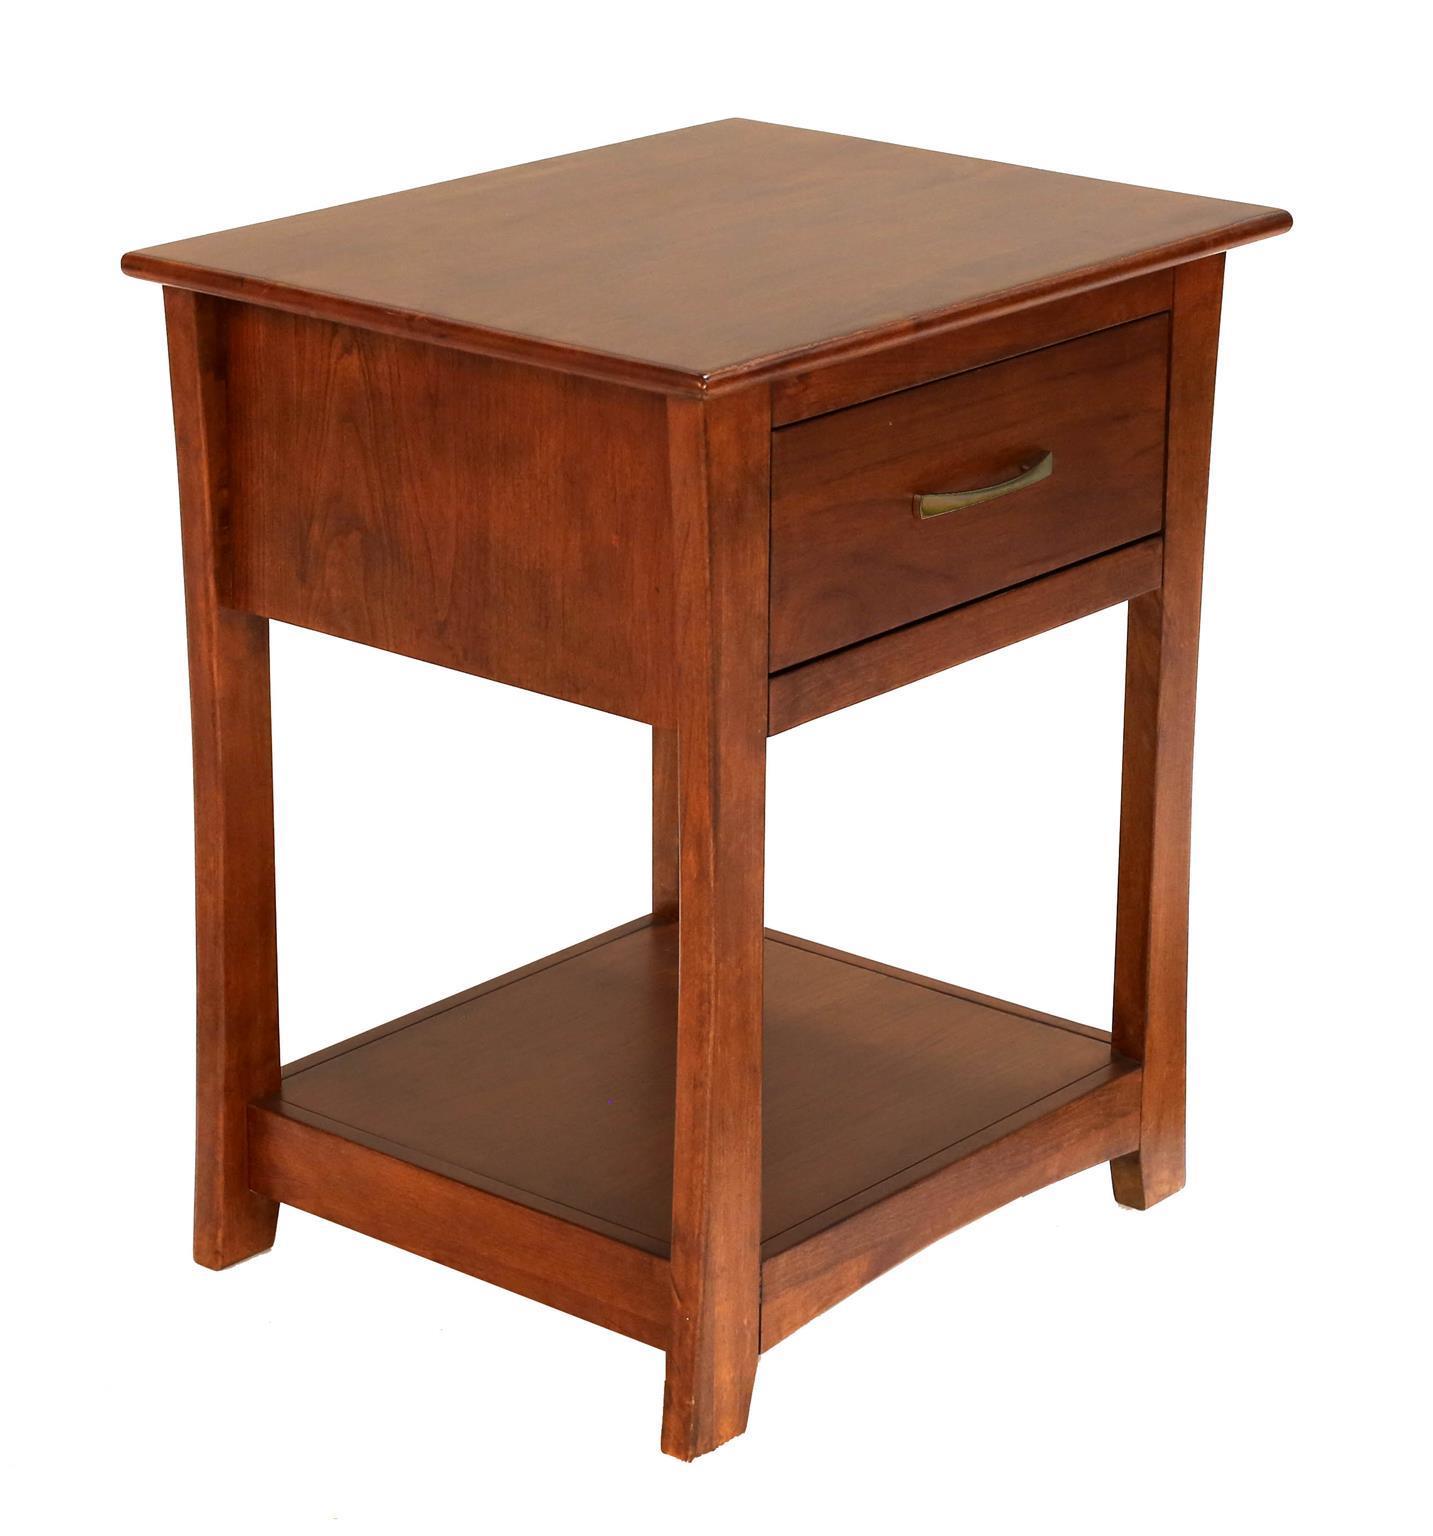 AAmerica Grant Park Drawer Nightstand - Item Number: GPKPE5760